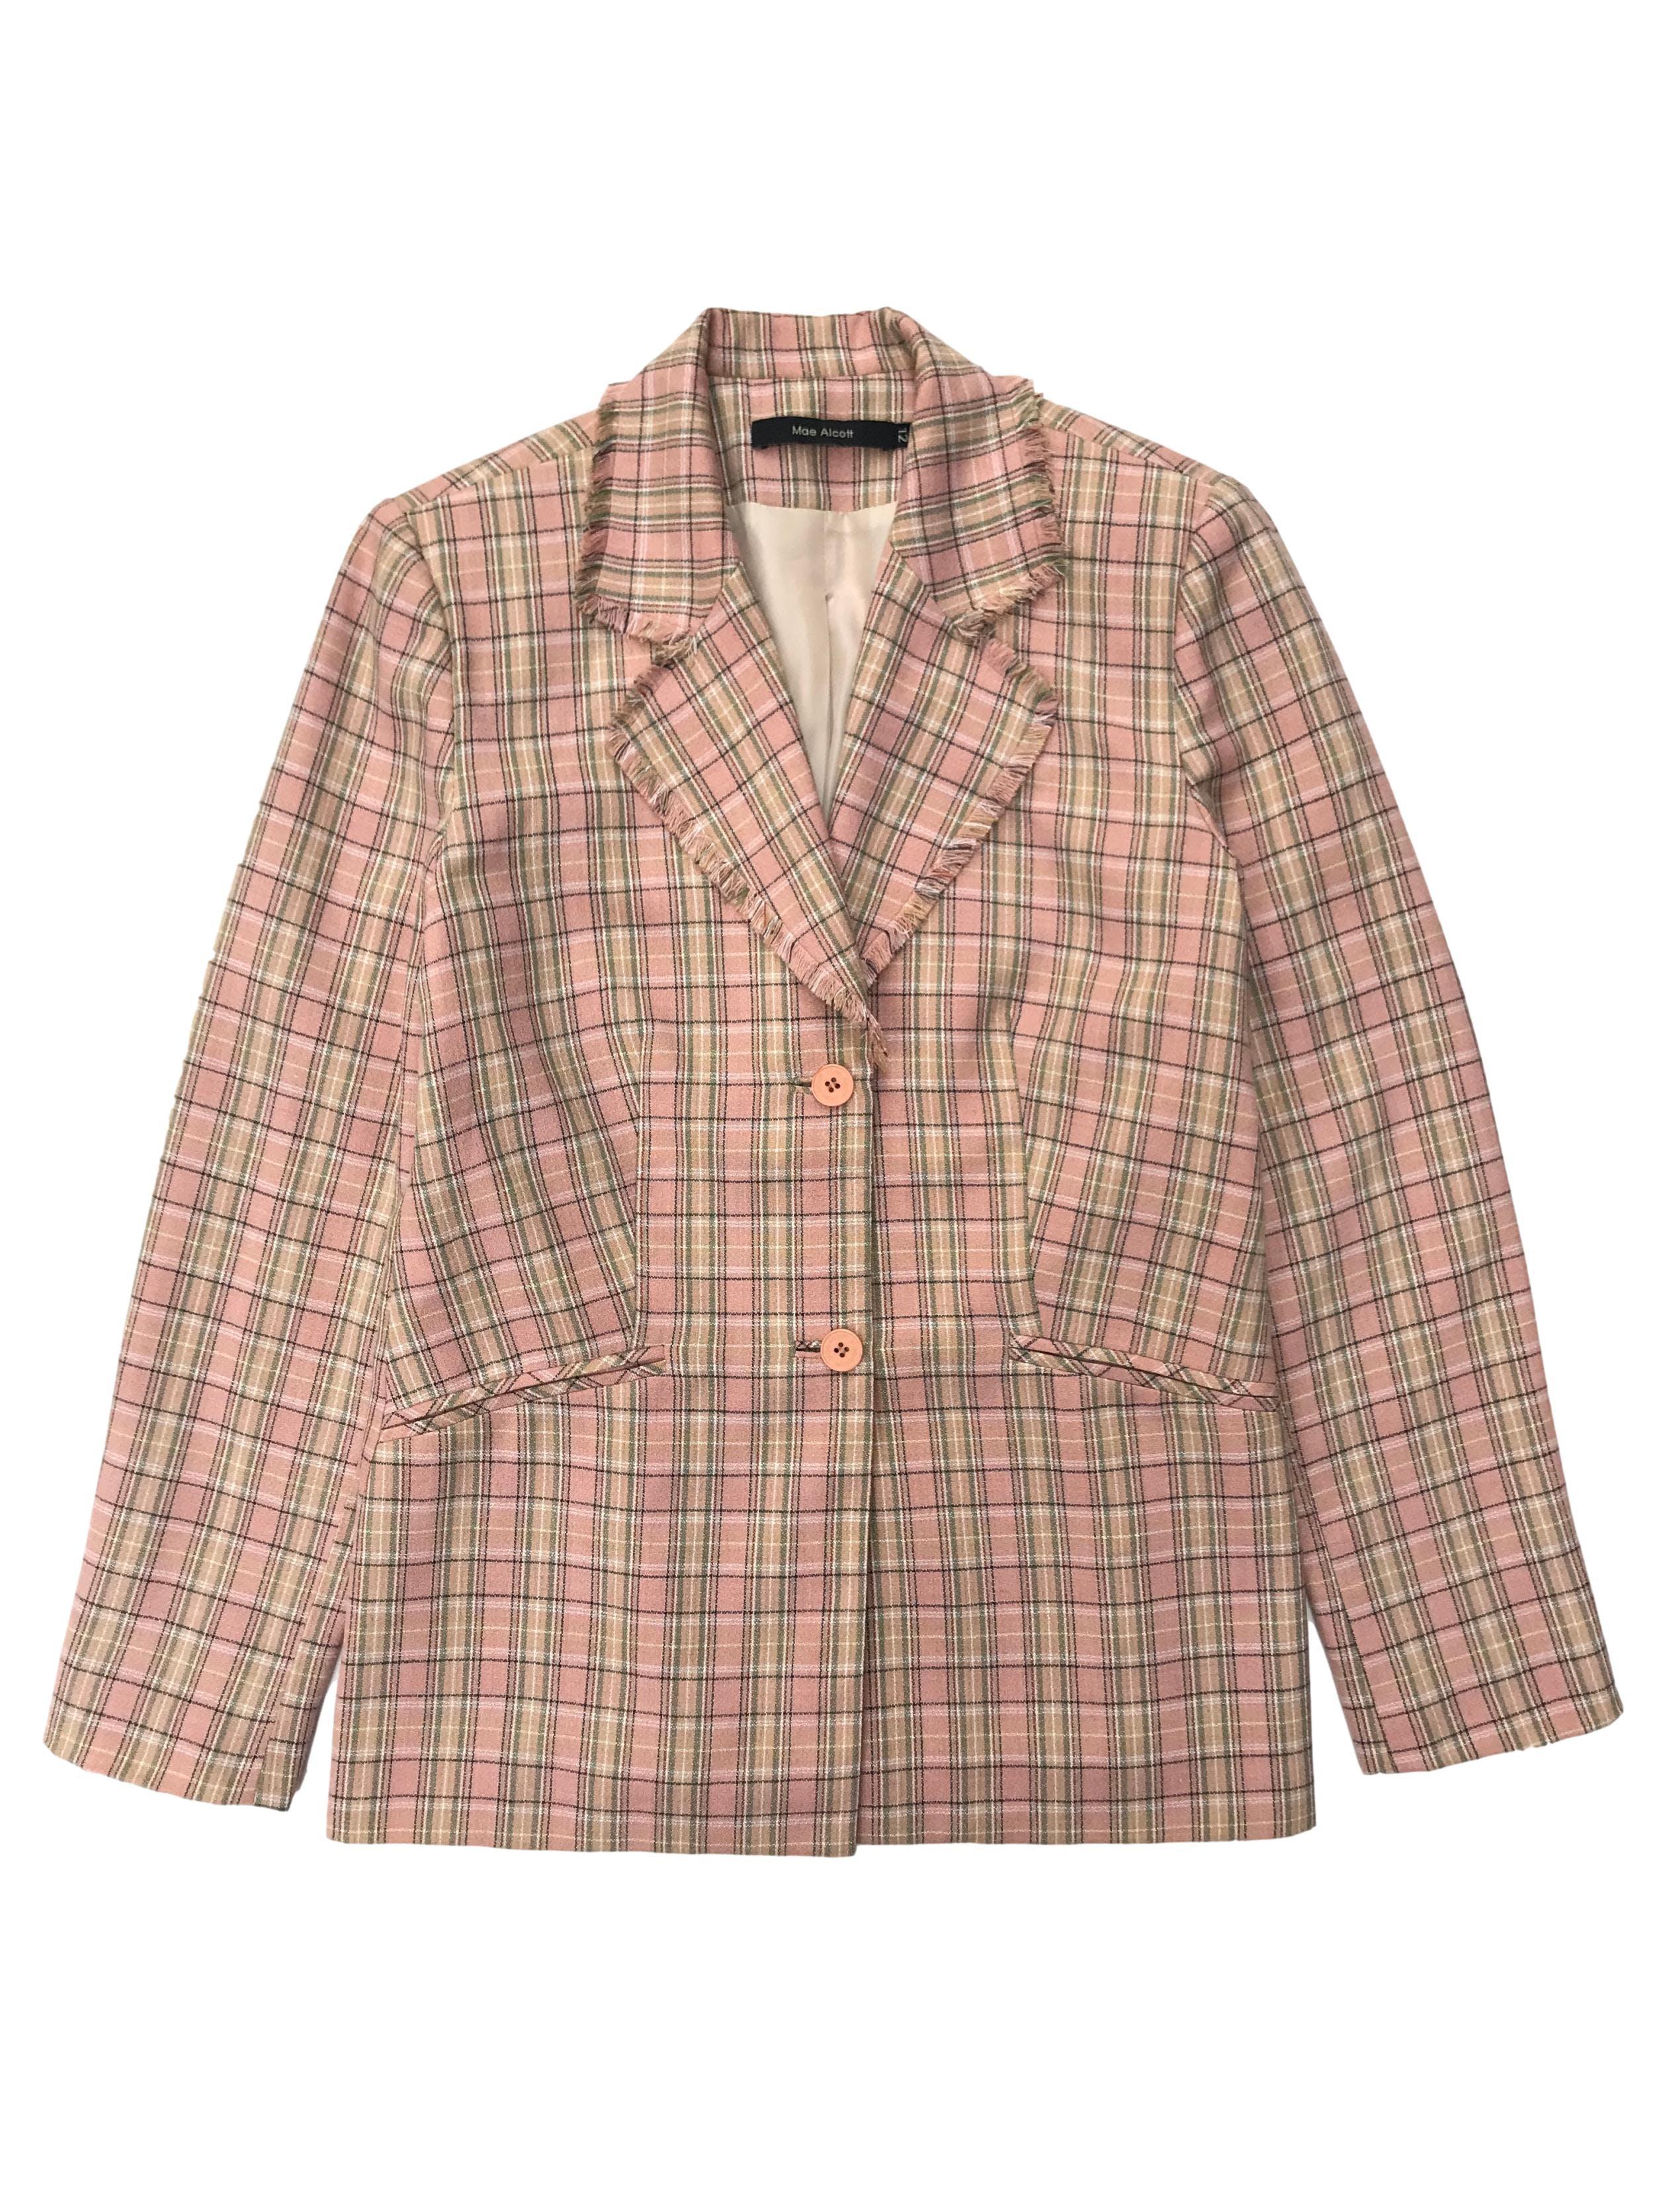 Blazer Mae Alcott palo rosa con cuadros, forrado, flecos en la solapas y dos botones. Busto 102cm Largo 66cm